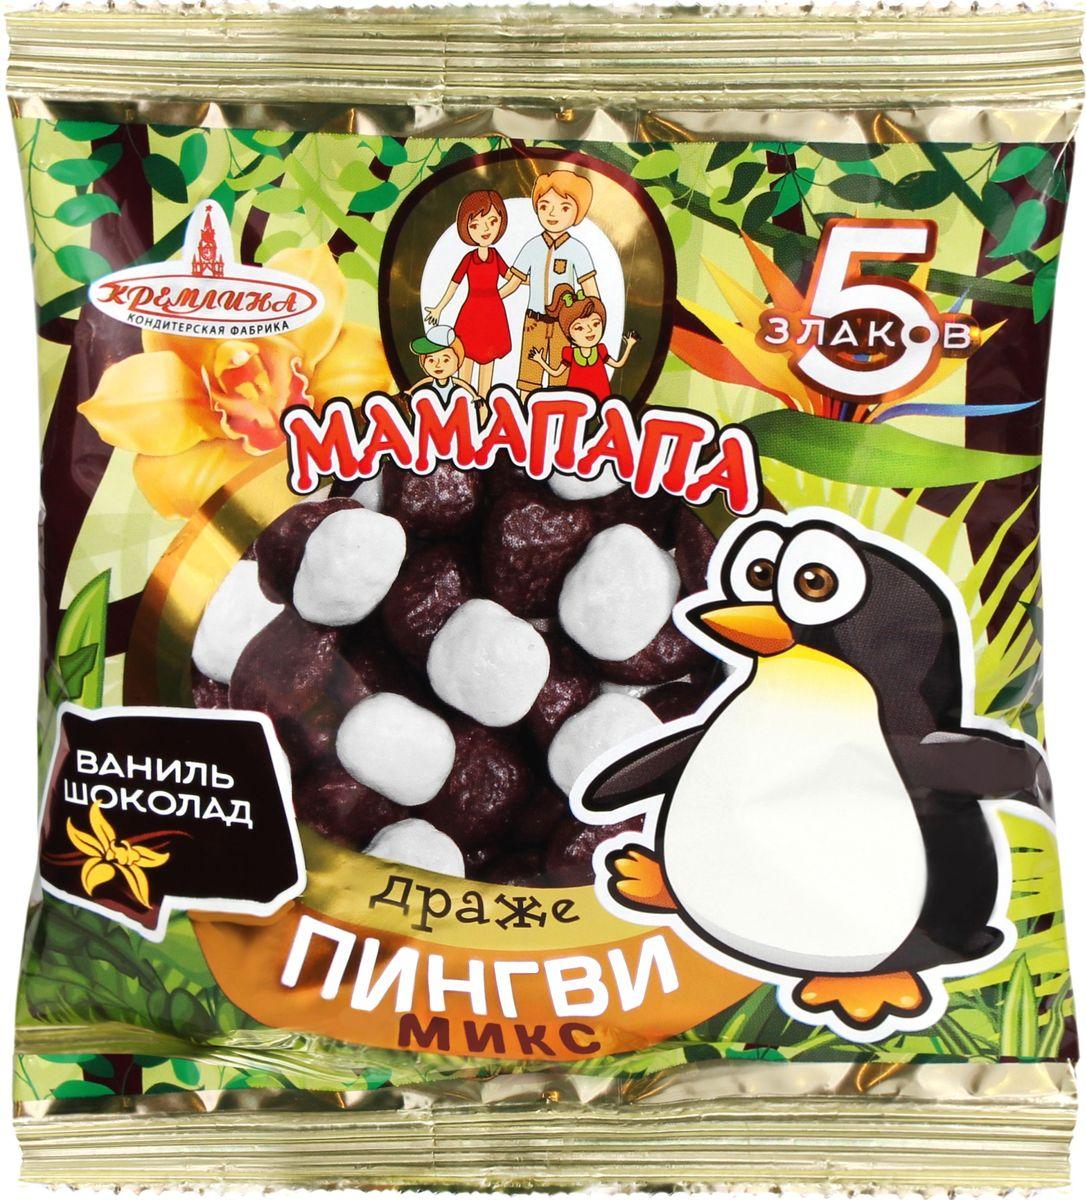 Кремлина Мамапапа Пингви микс: подушечки 5 злаков с помадной начинкой в шоколадной и йогуртовой глазури, 140 г chokocat спасибо молочный шоколад 60 г